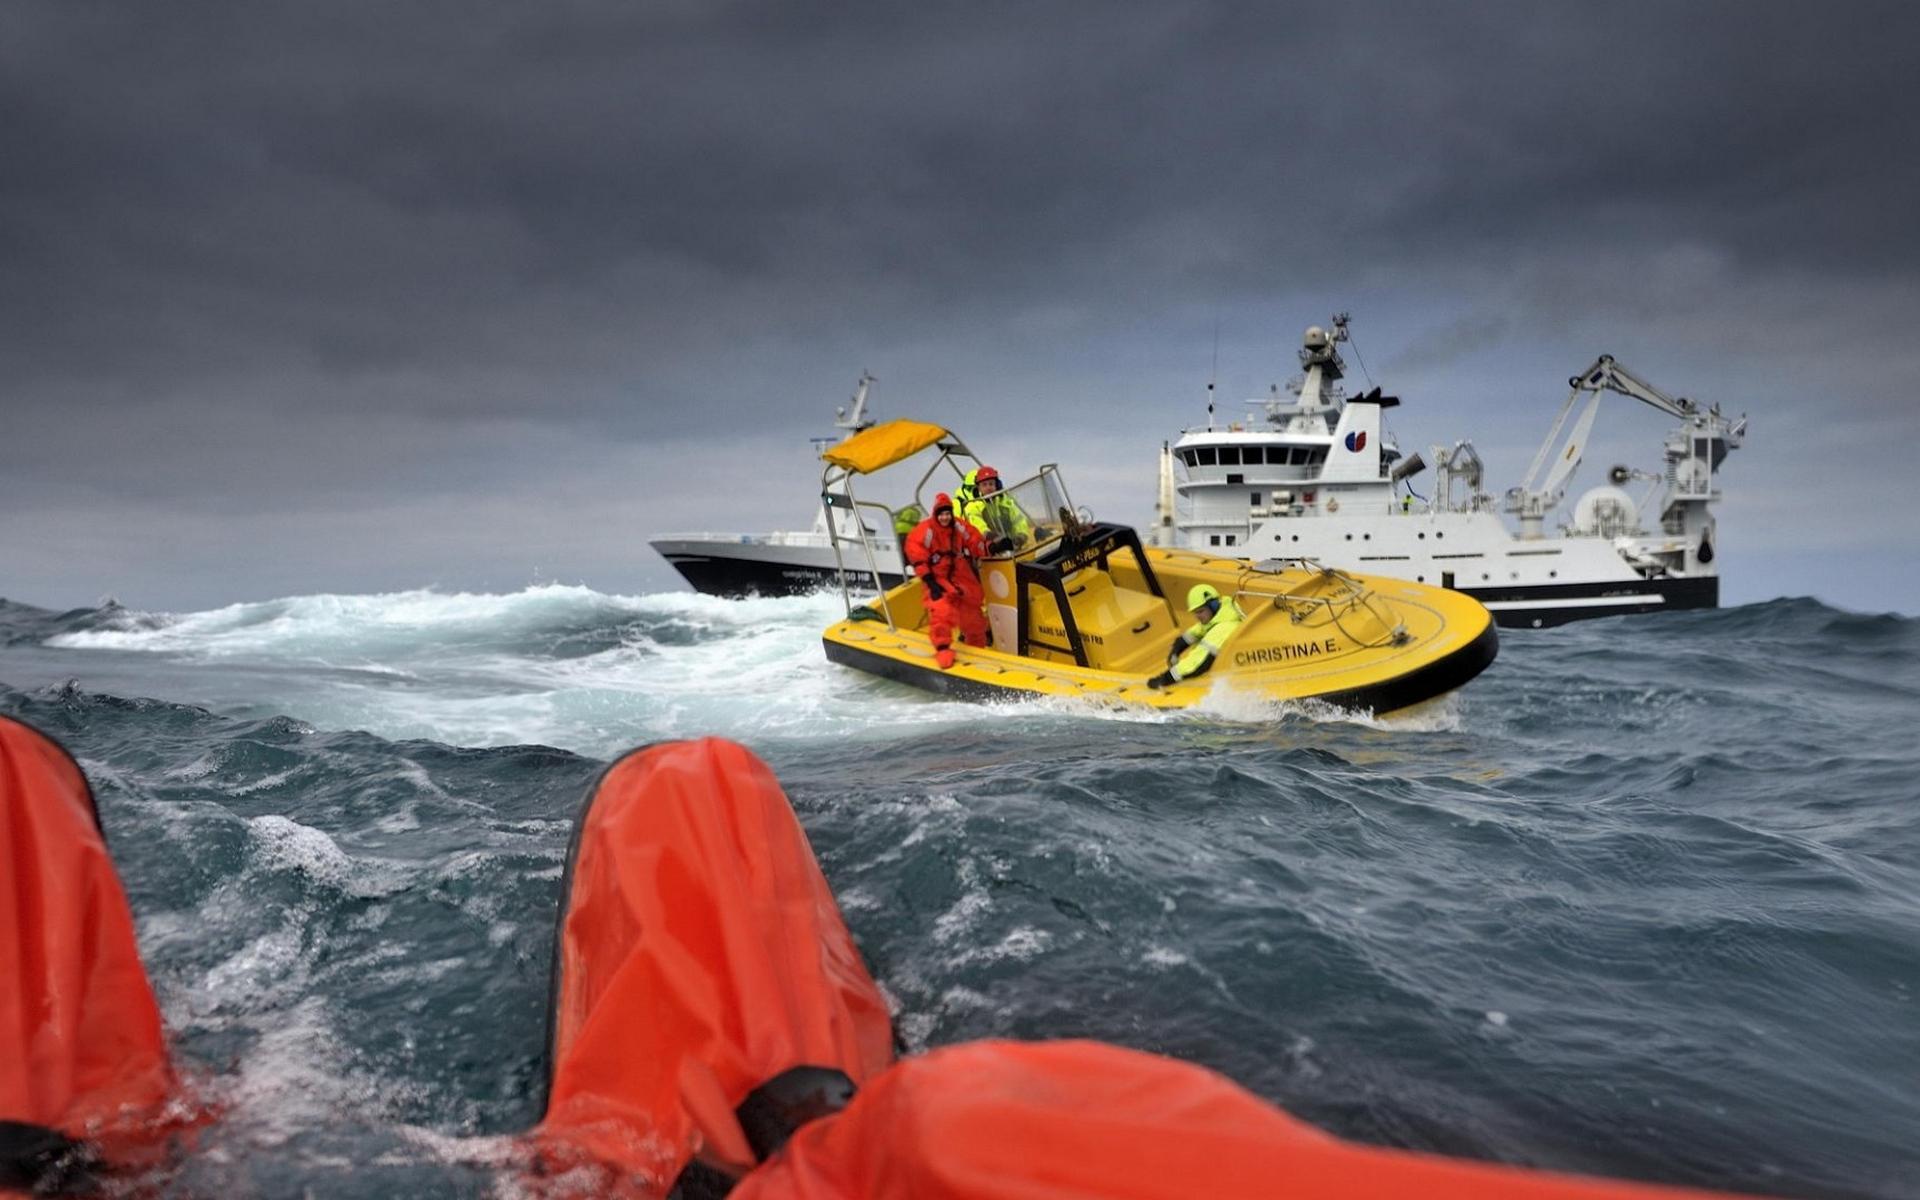 спасательная операция, тренировка, море